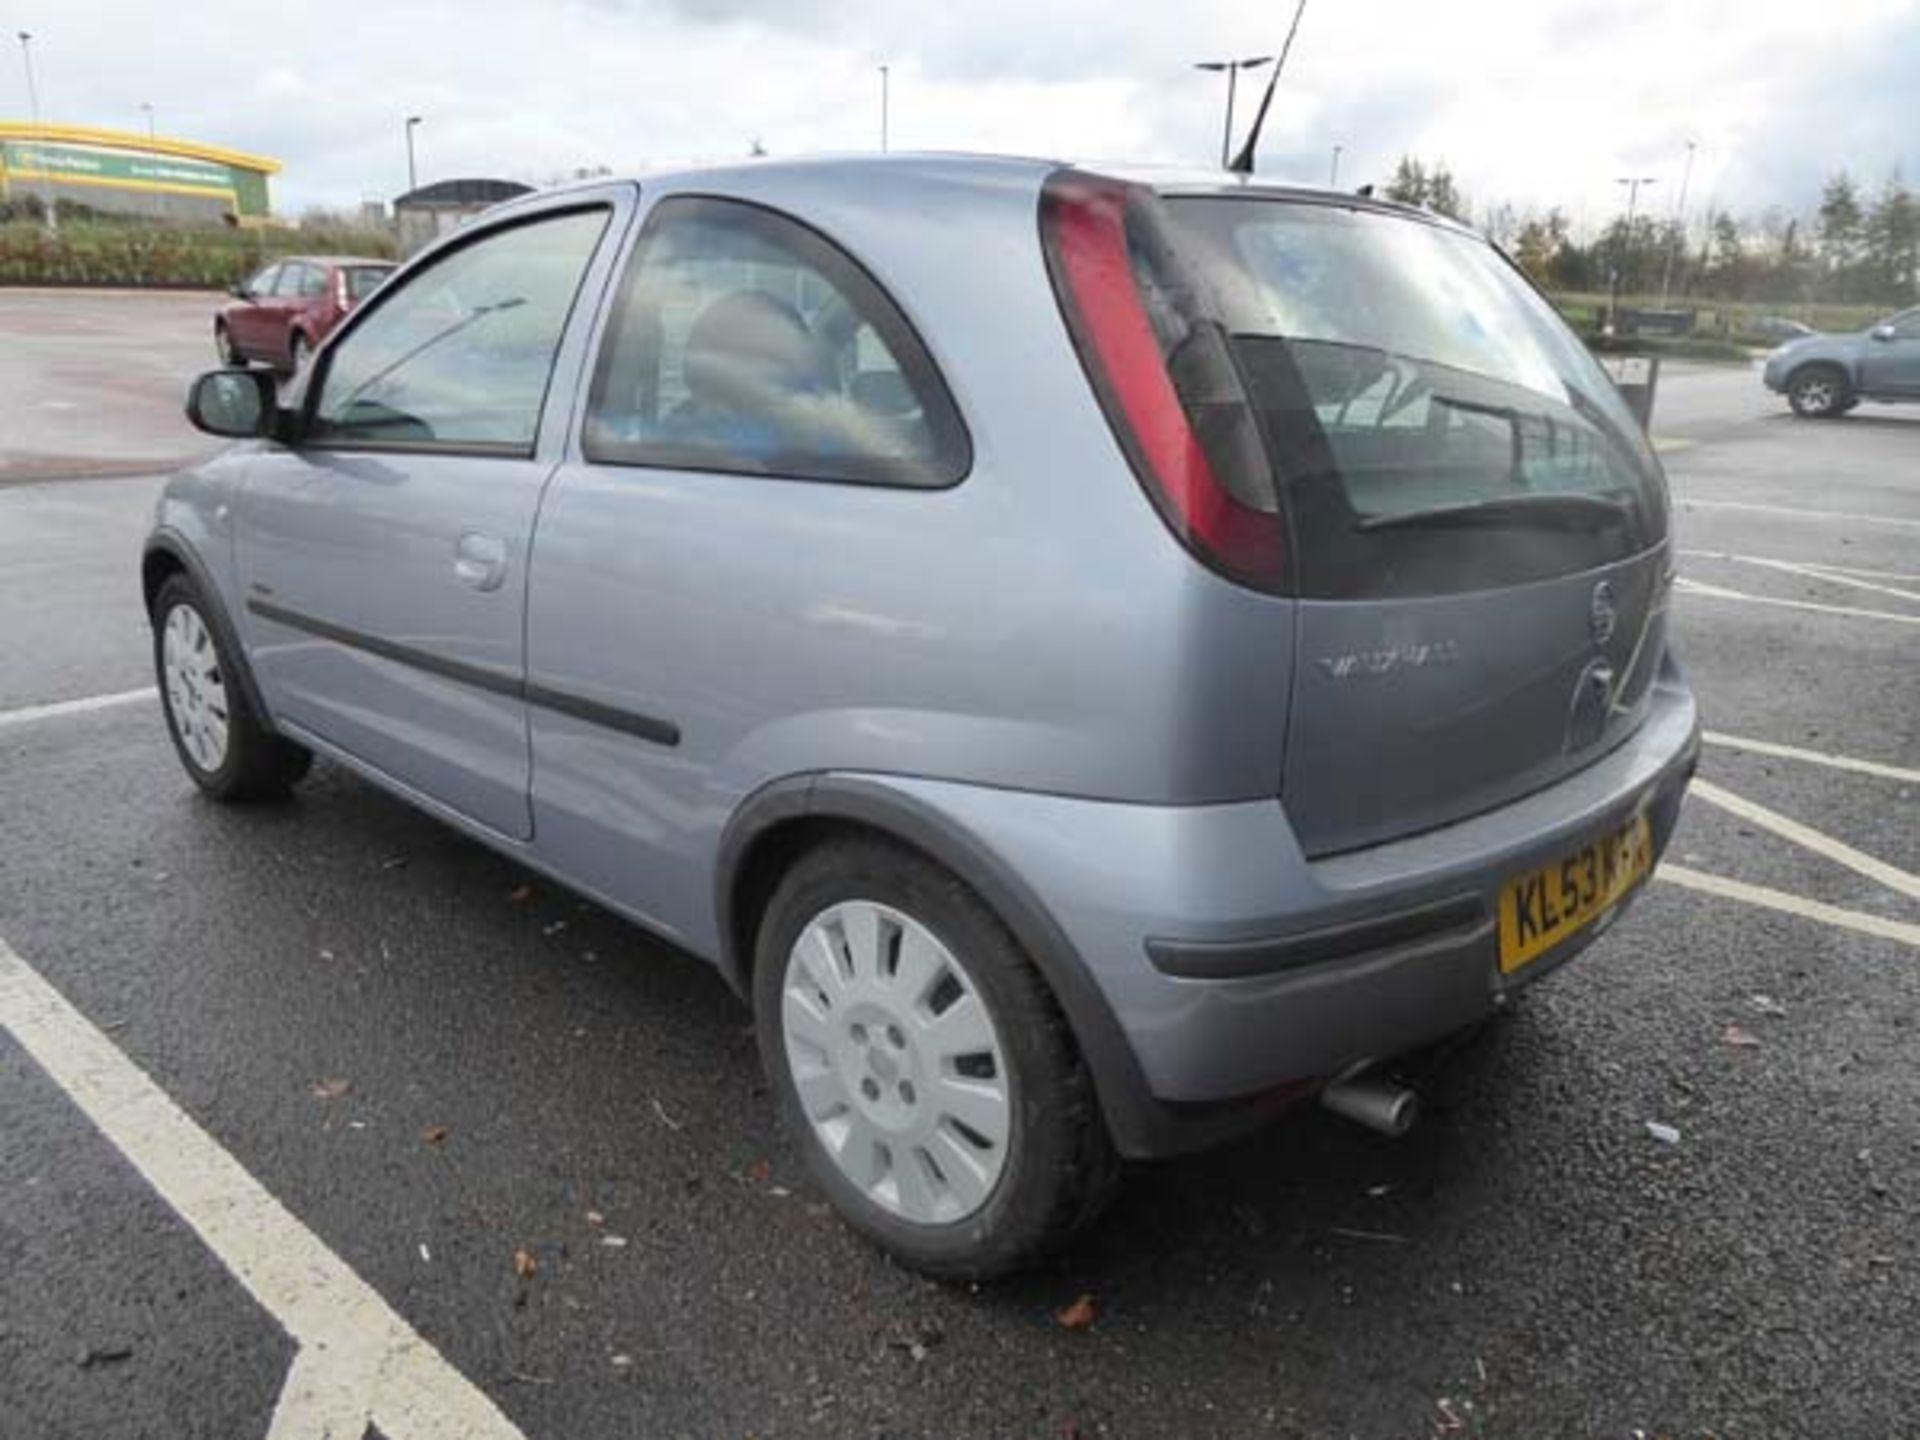 KL53 KTA (2003) Vauxhall Corsa Active 16V, 3 door hatchback, 1199cc, petrol, in silver, 39'044 - Image 5 of 12